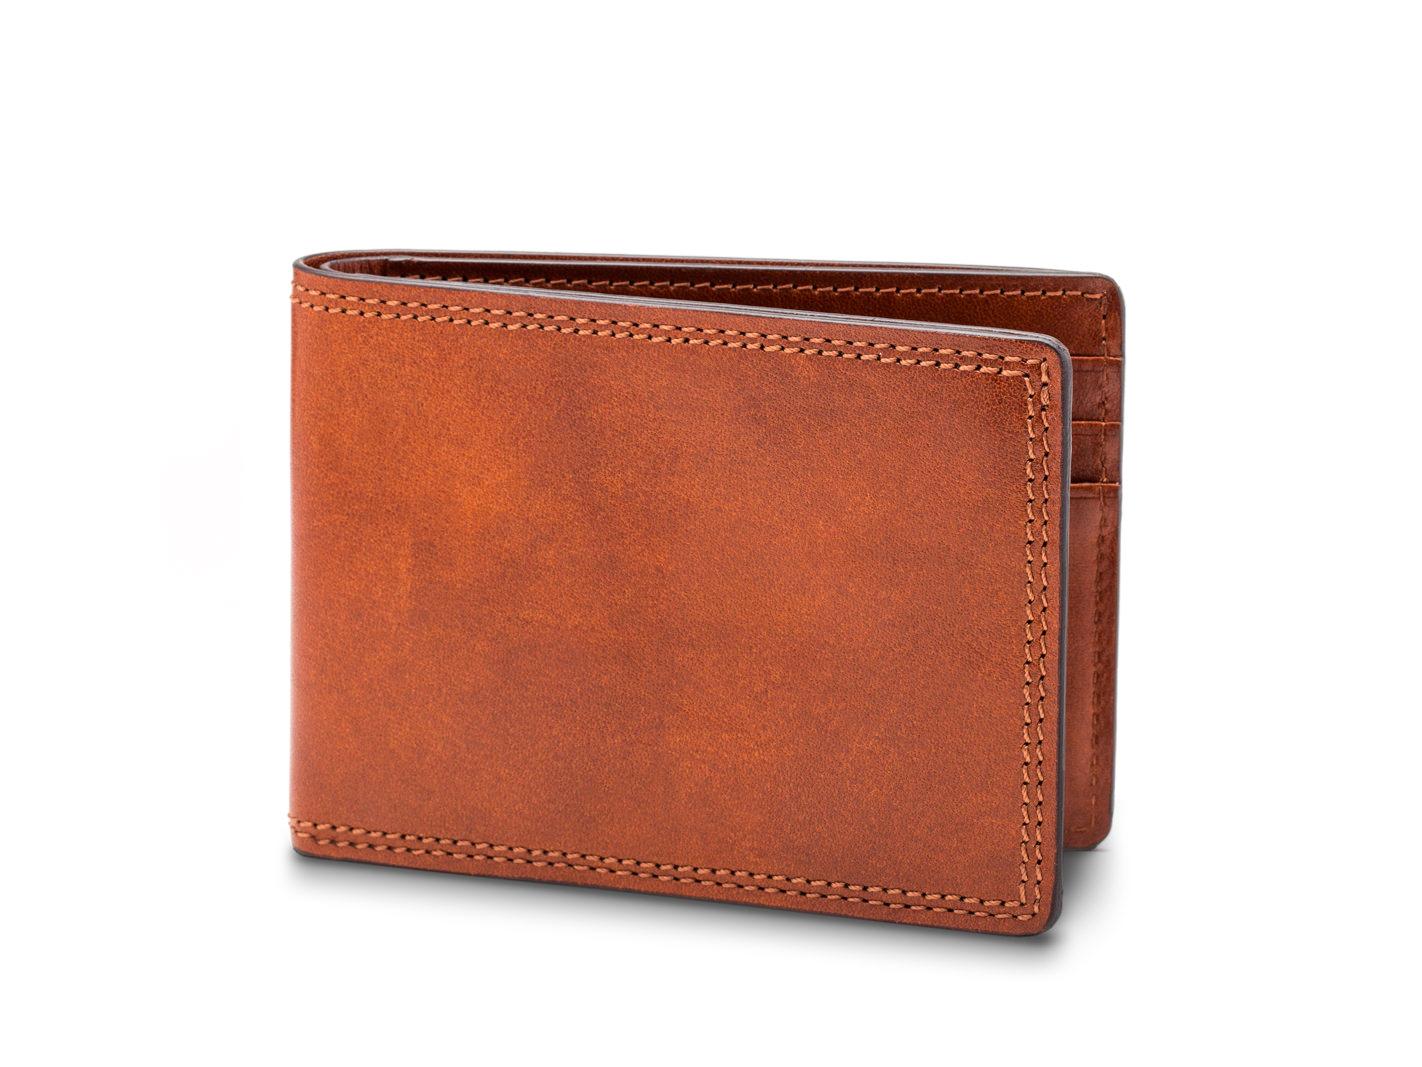 Bosca Model 81-217-D Dolce Small Bifold Wallet